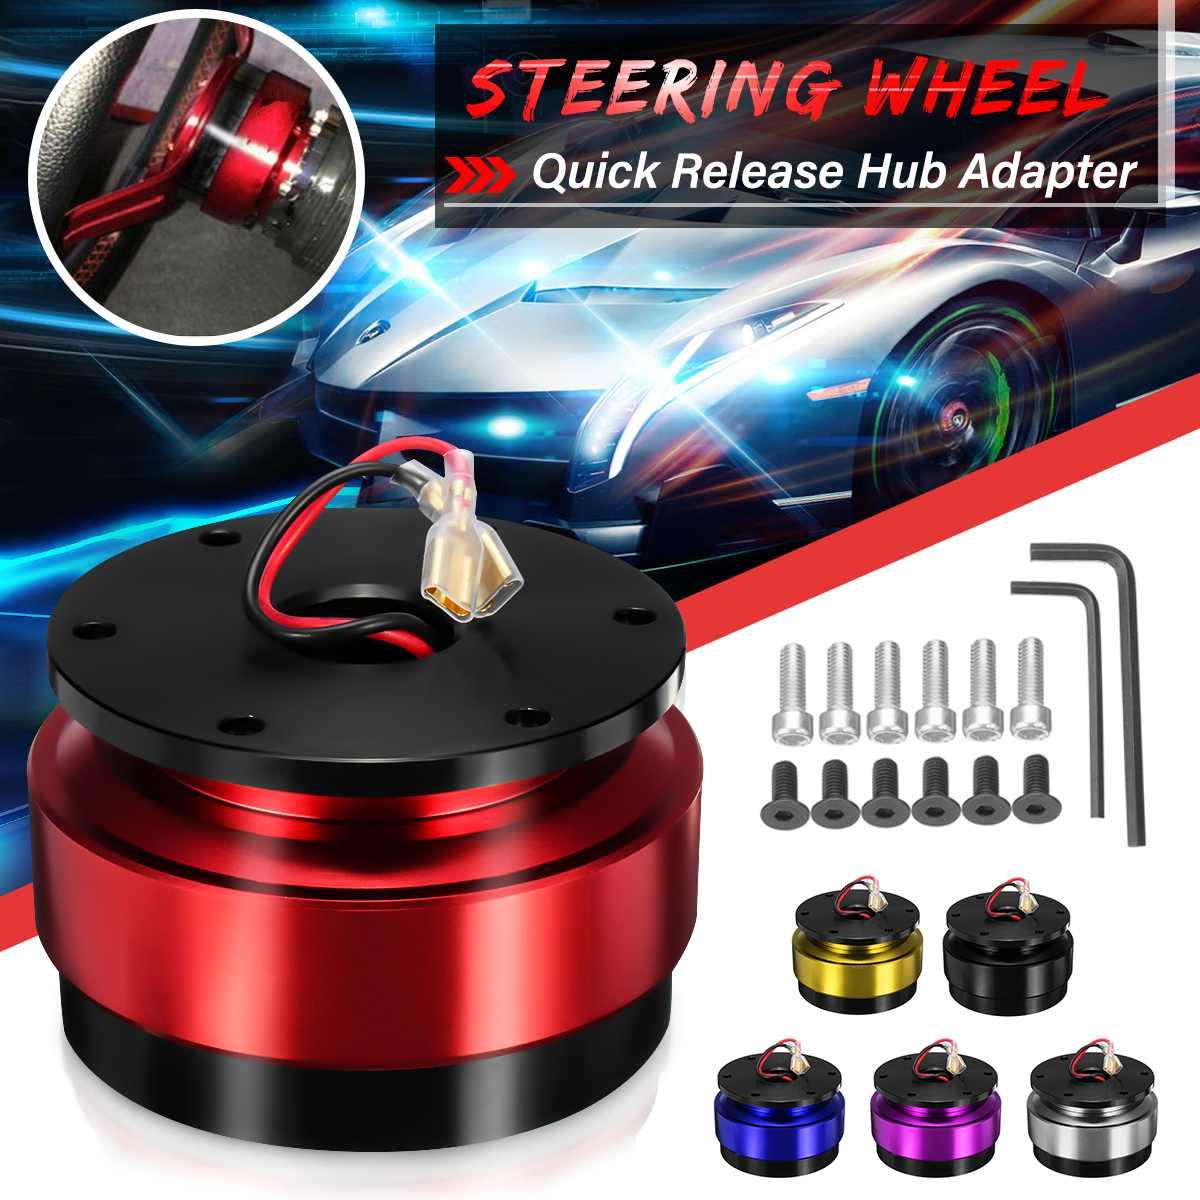 Универсальный автомобильный быстроразъемный адаптер для рулевого колеса и ступицы Boss, алюминиевый комплект с 6 отверстиями